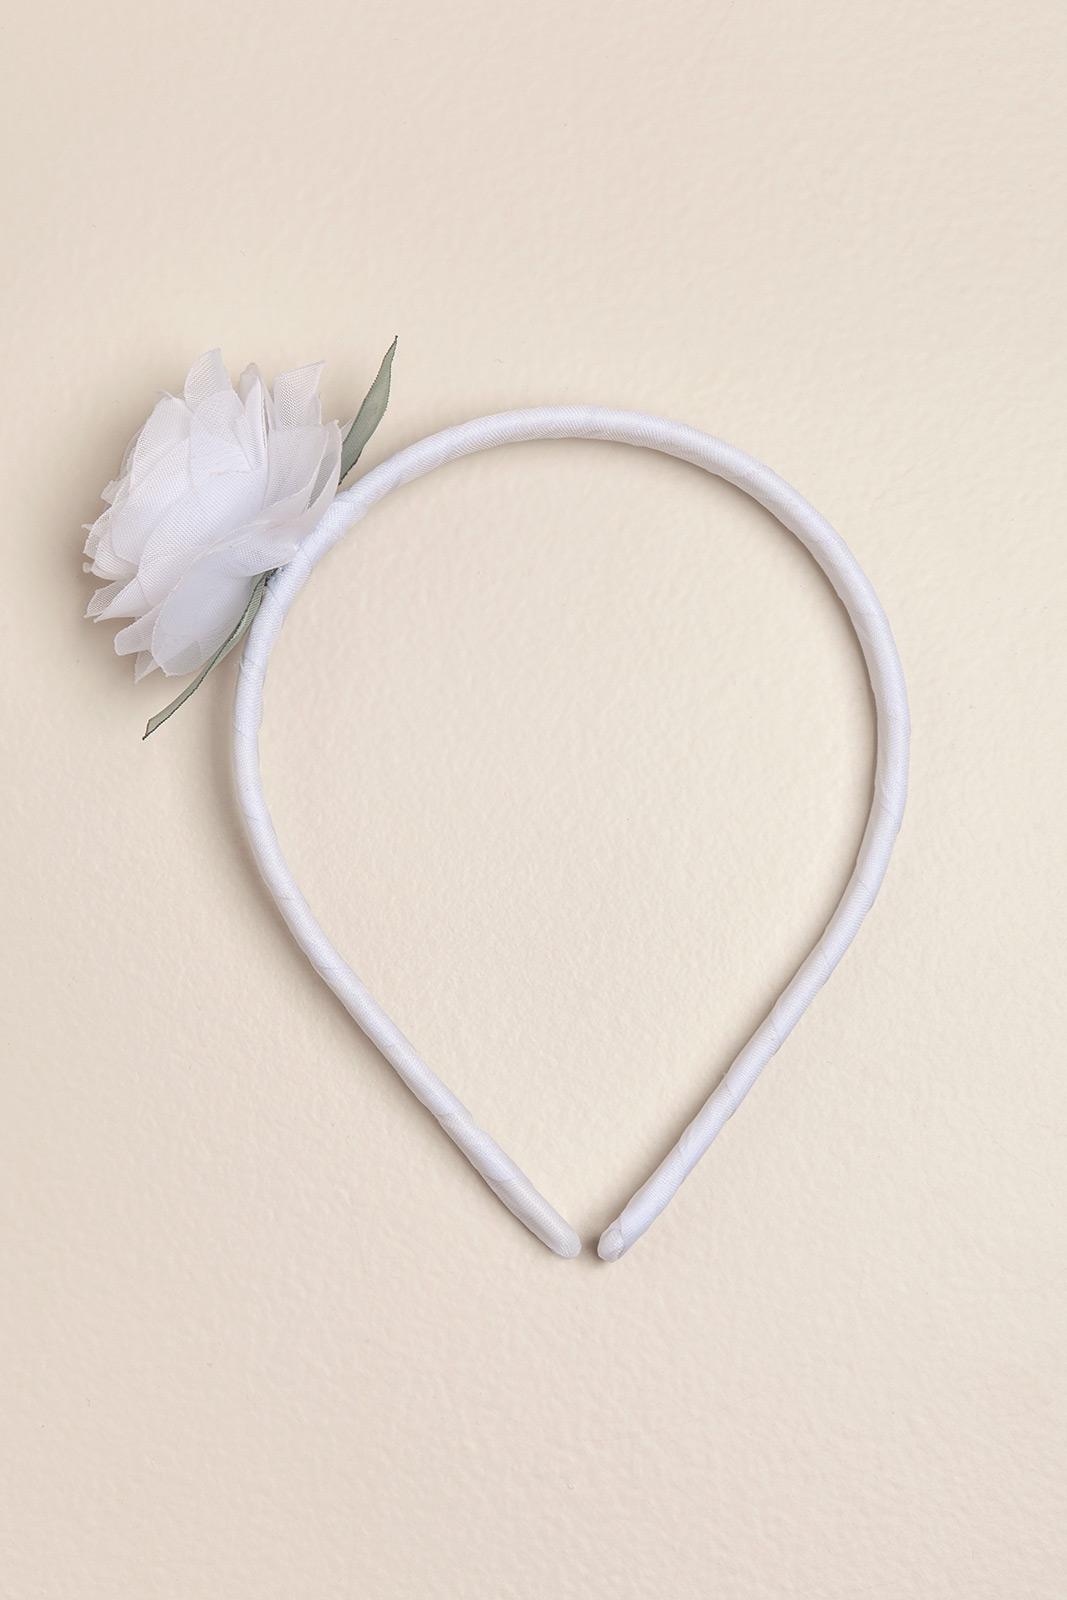 Vincha rigida con una flor blanca